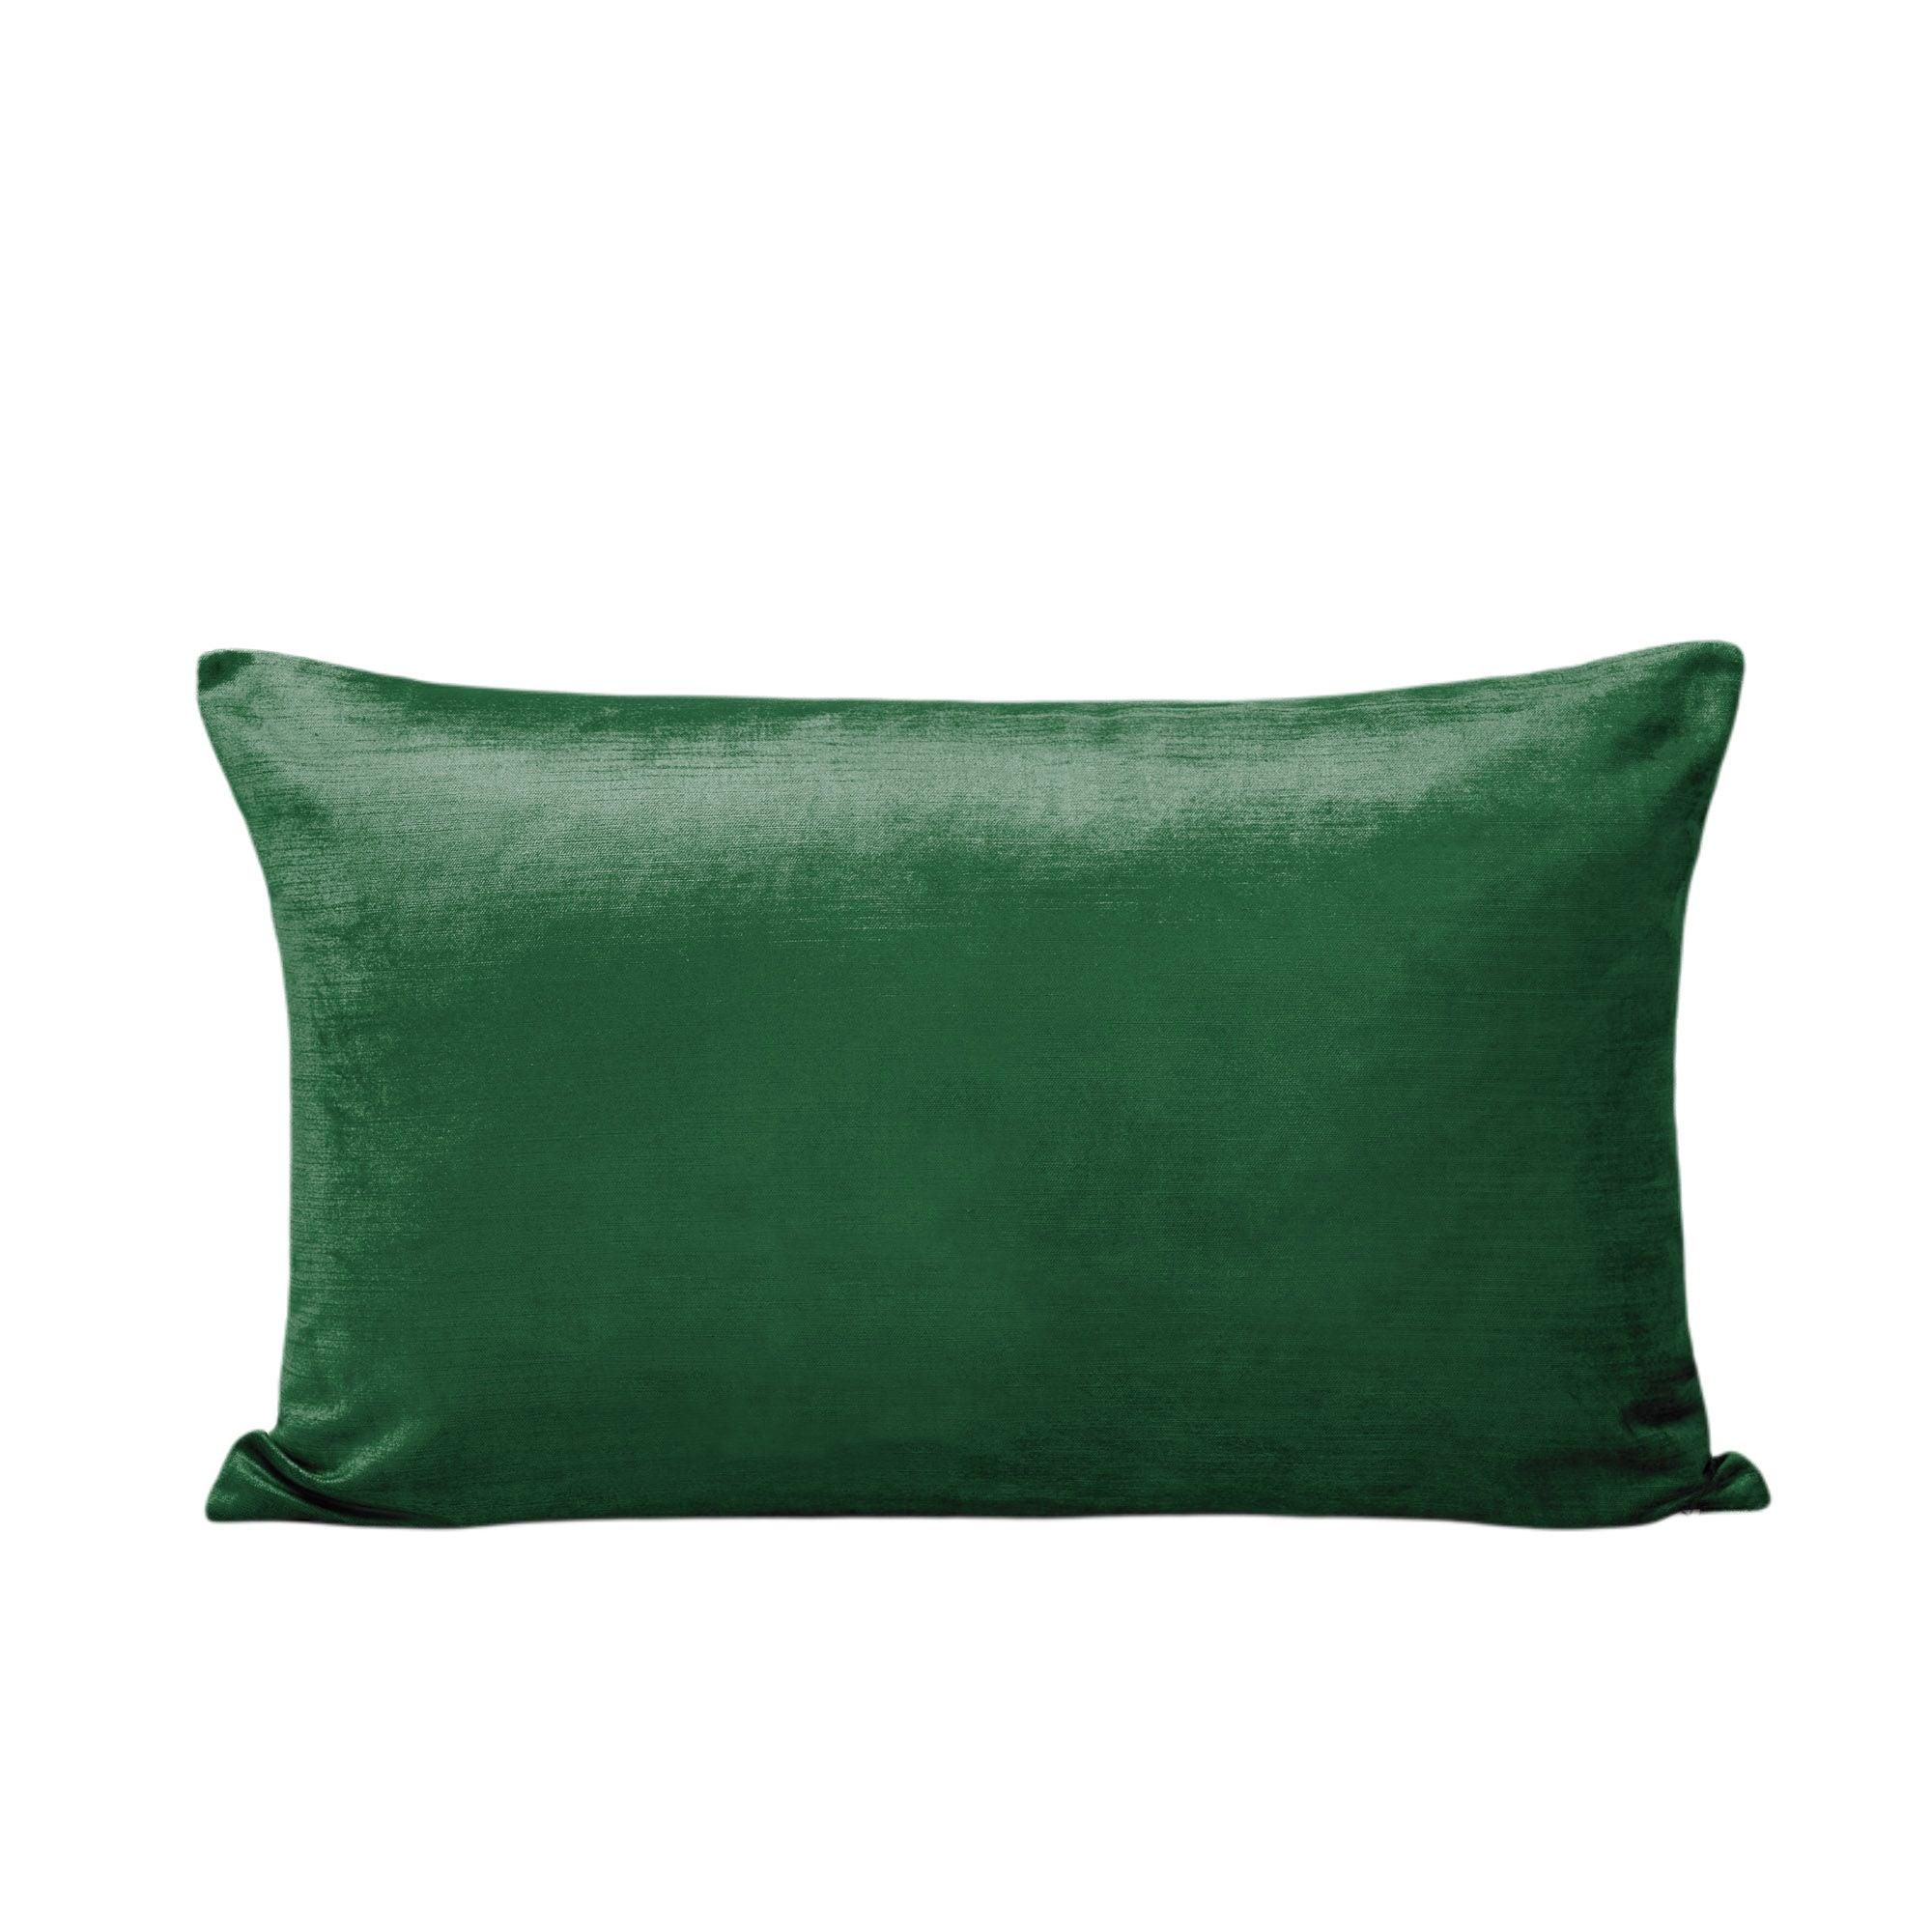 Housse de coussin 40x60 cm Vert moyen et taupe